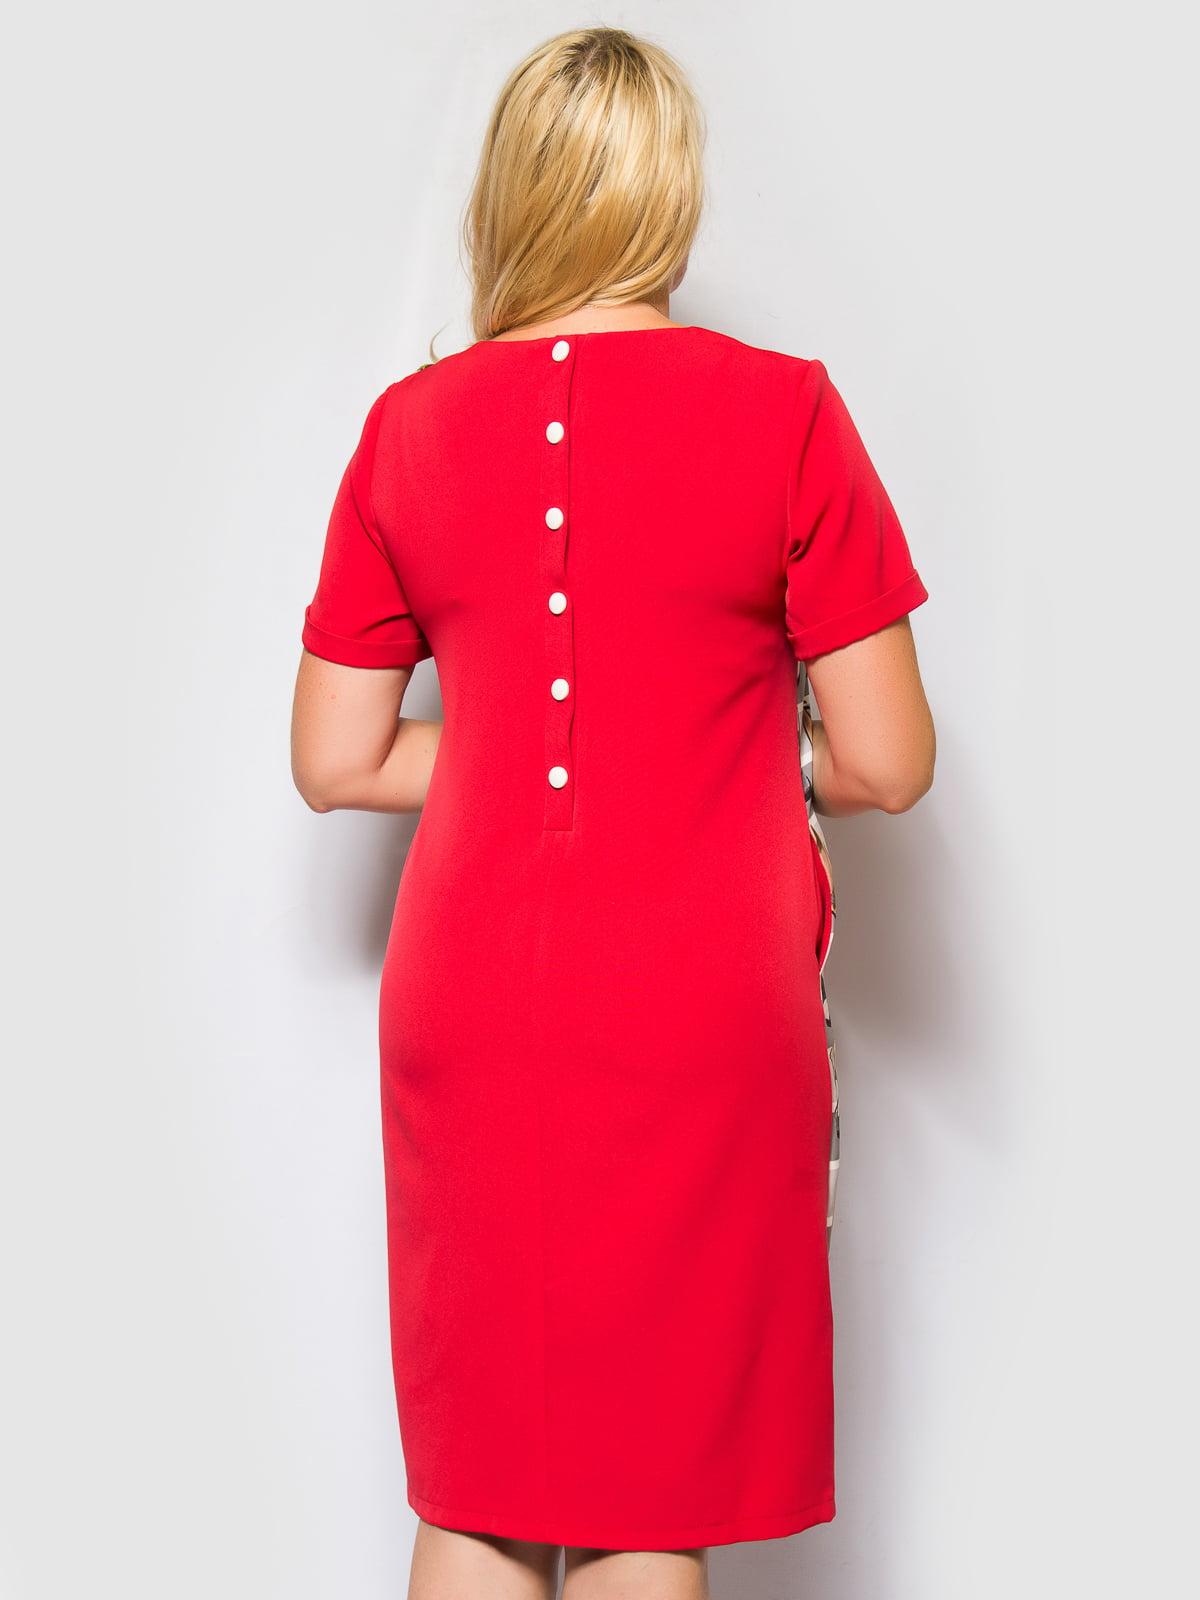 Сукня червоно-сіра в смужку і принт   4469189   фото 6